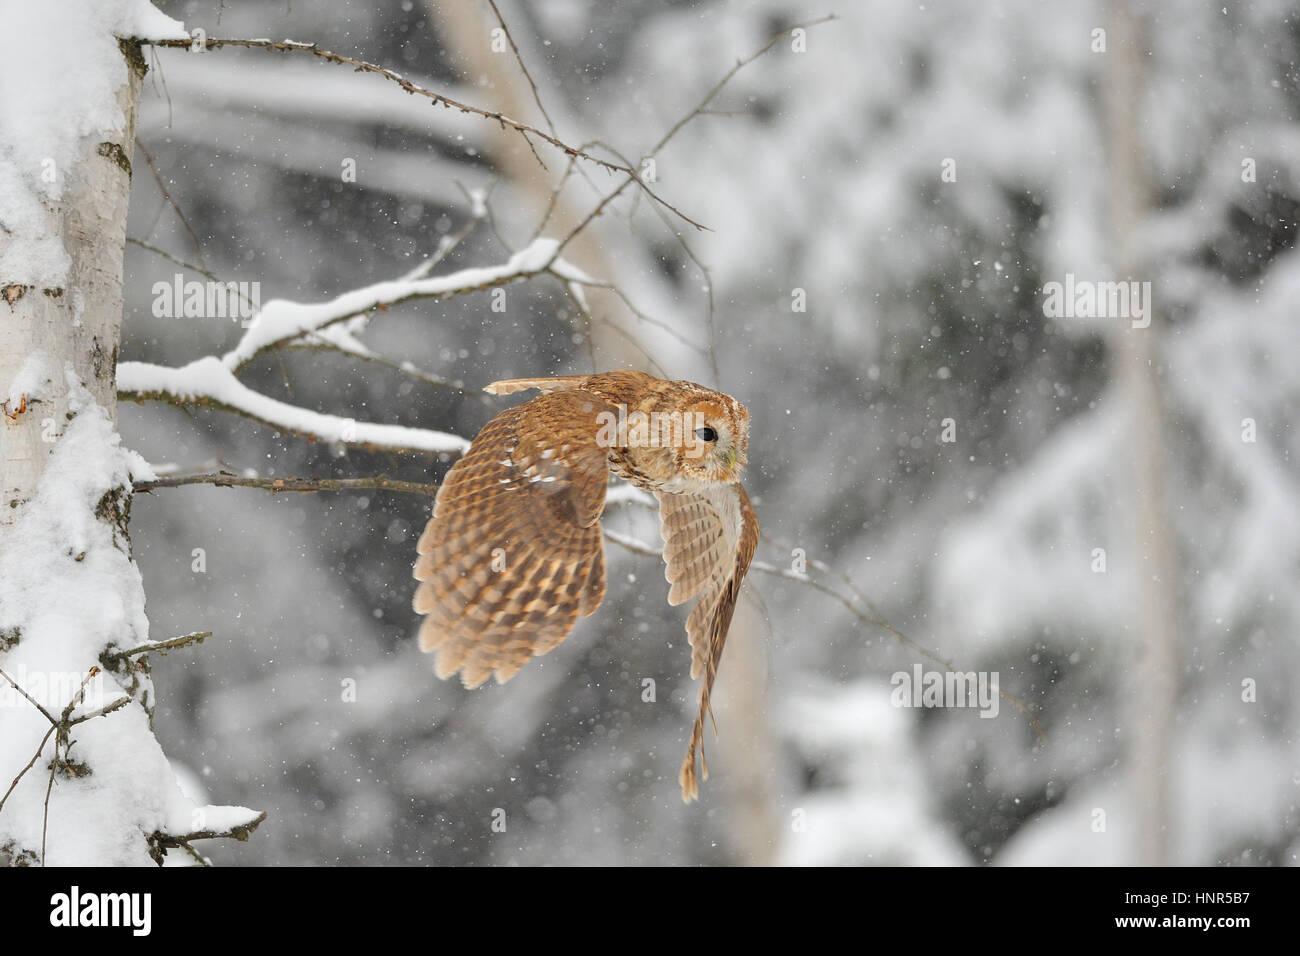 Flying cárabo en época invernal está nevando whne Imagen De Stock